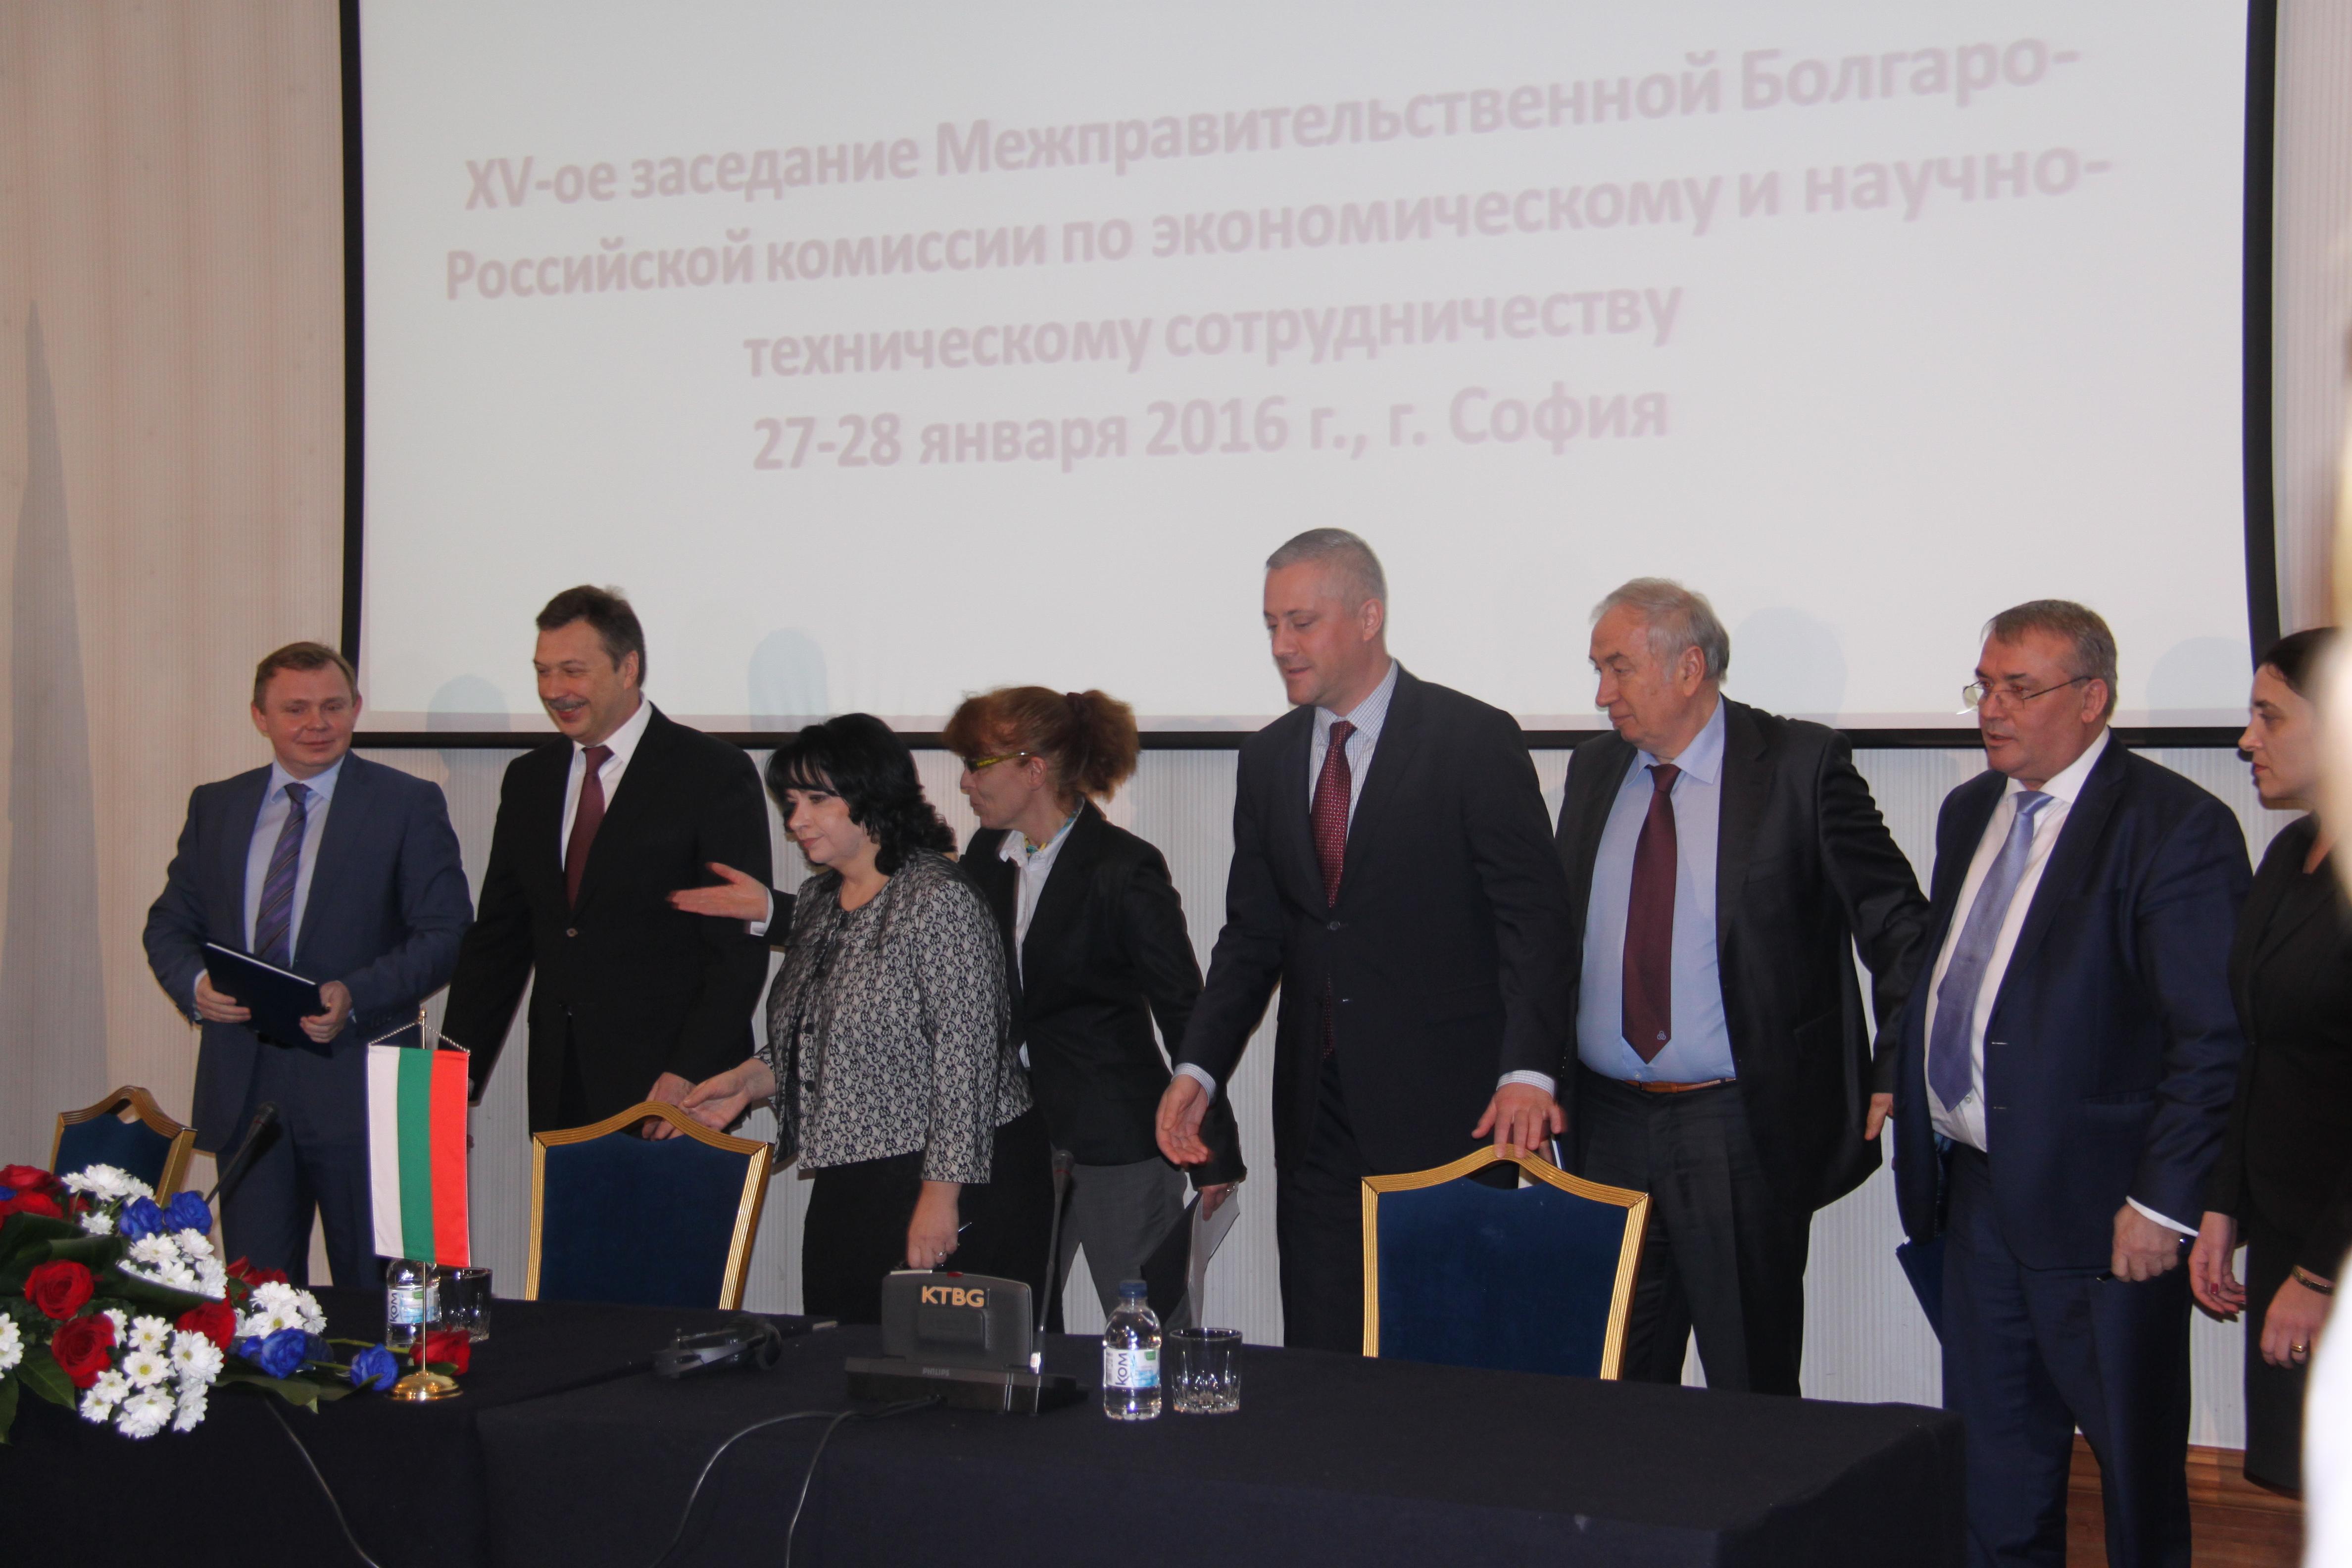 Българо-руската комисия обсъди възможностите за намаляване на цената на визите за граждани на РФ, които са избрали да почиват в България.